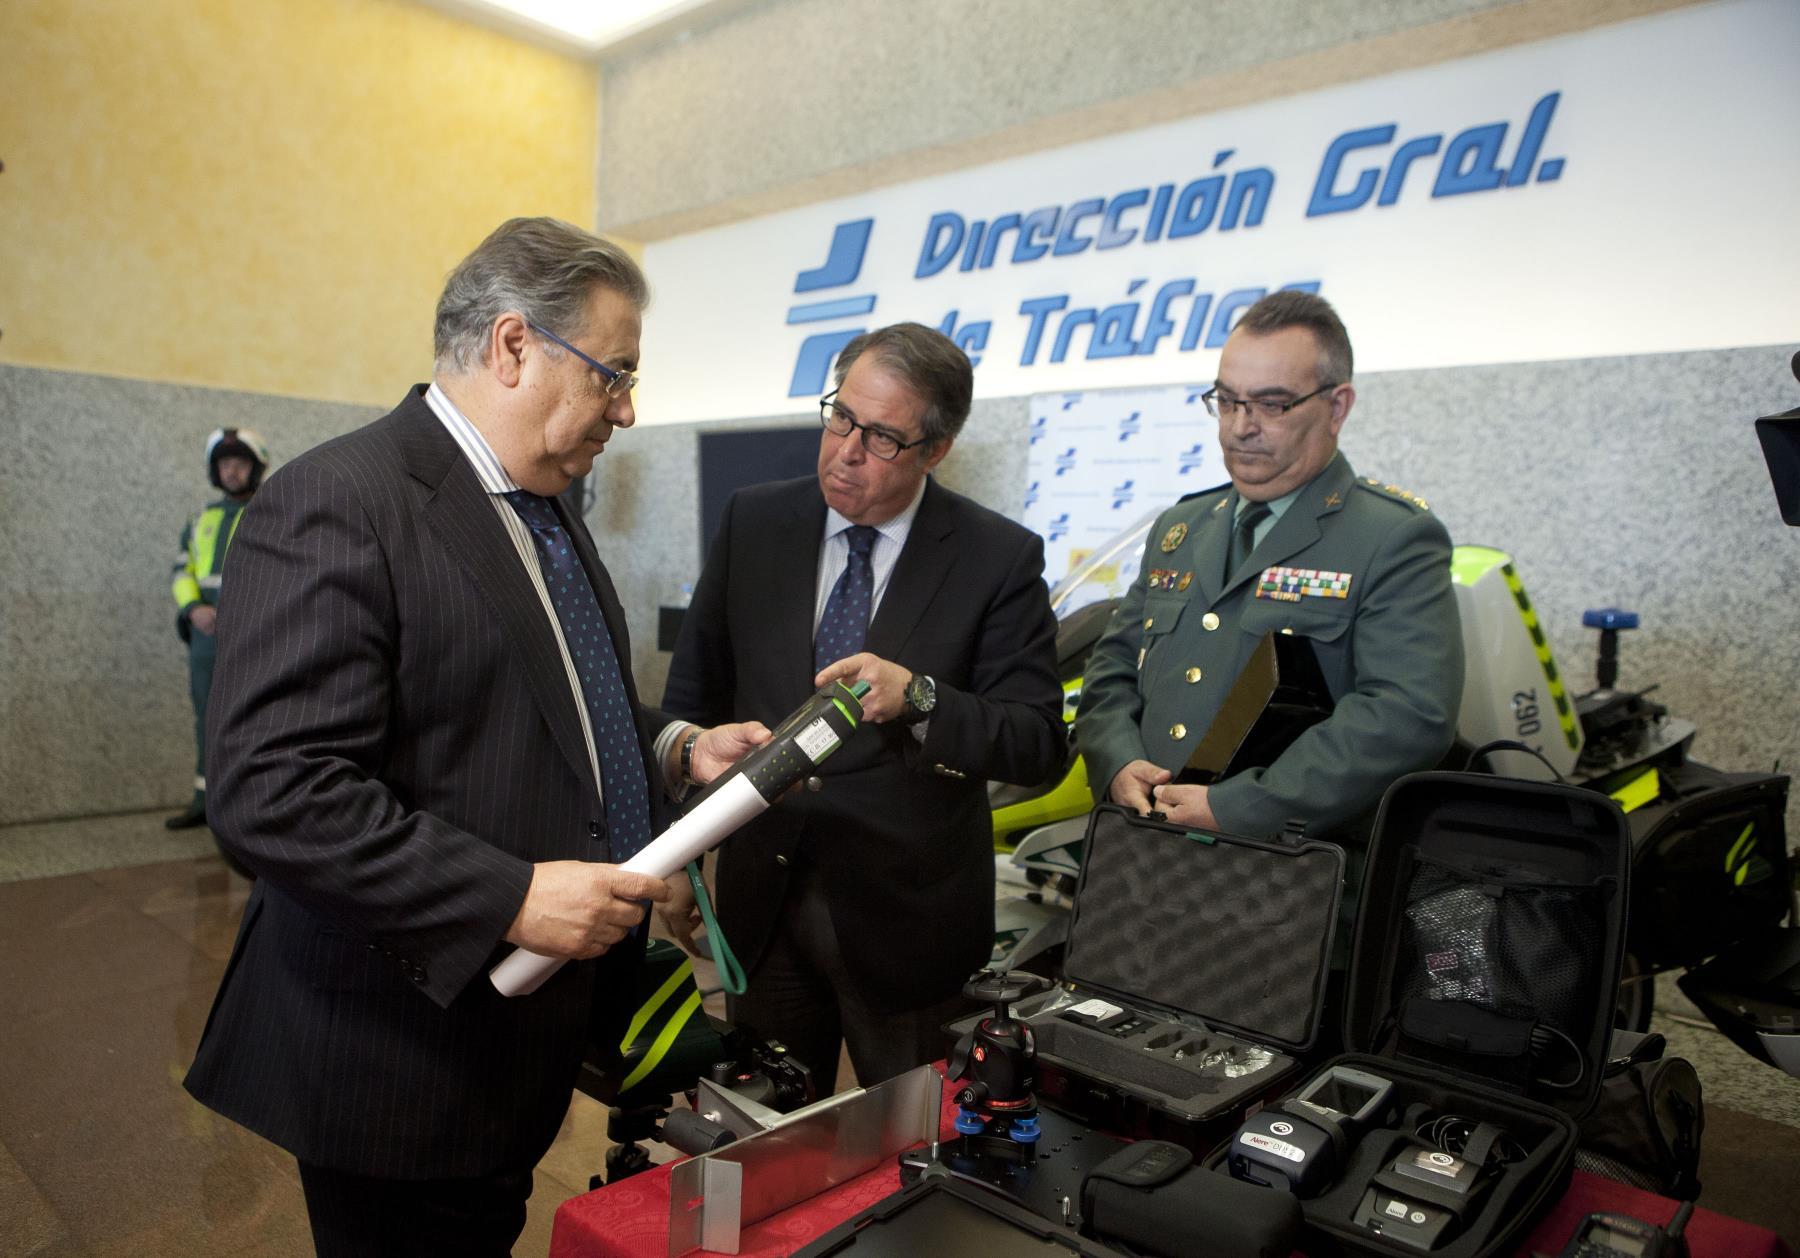 El ministro de Interior, Juan Ignacio Zoido, ha presentado hoy el dispositivo especial de vigilancia